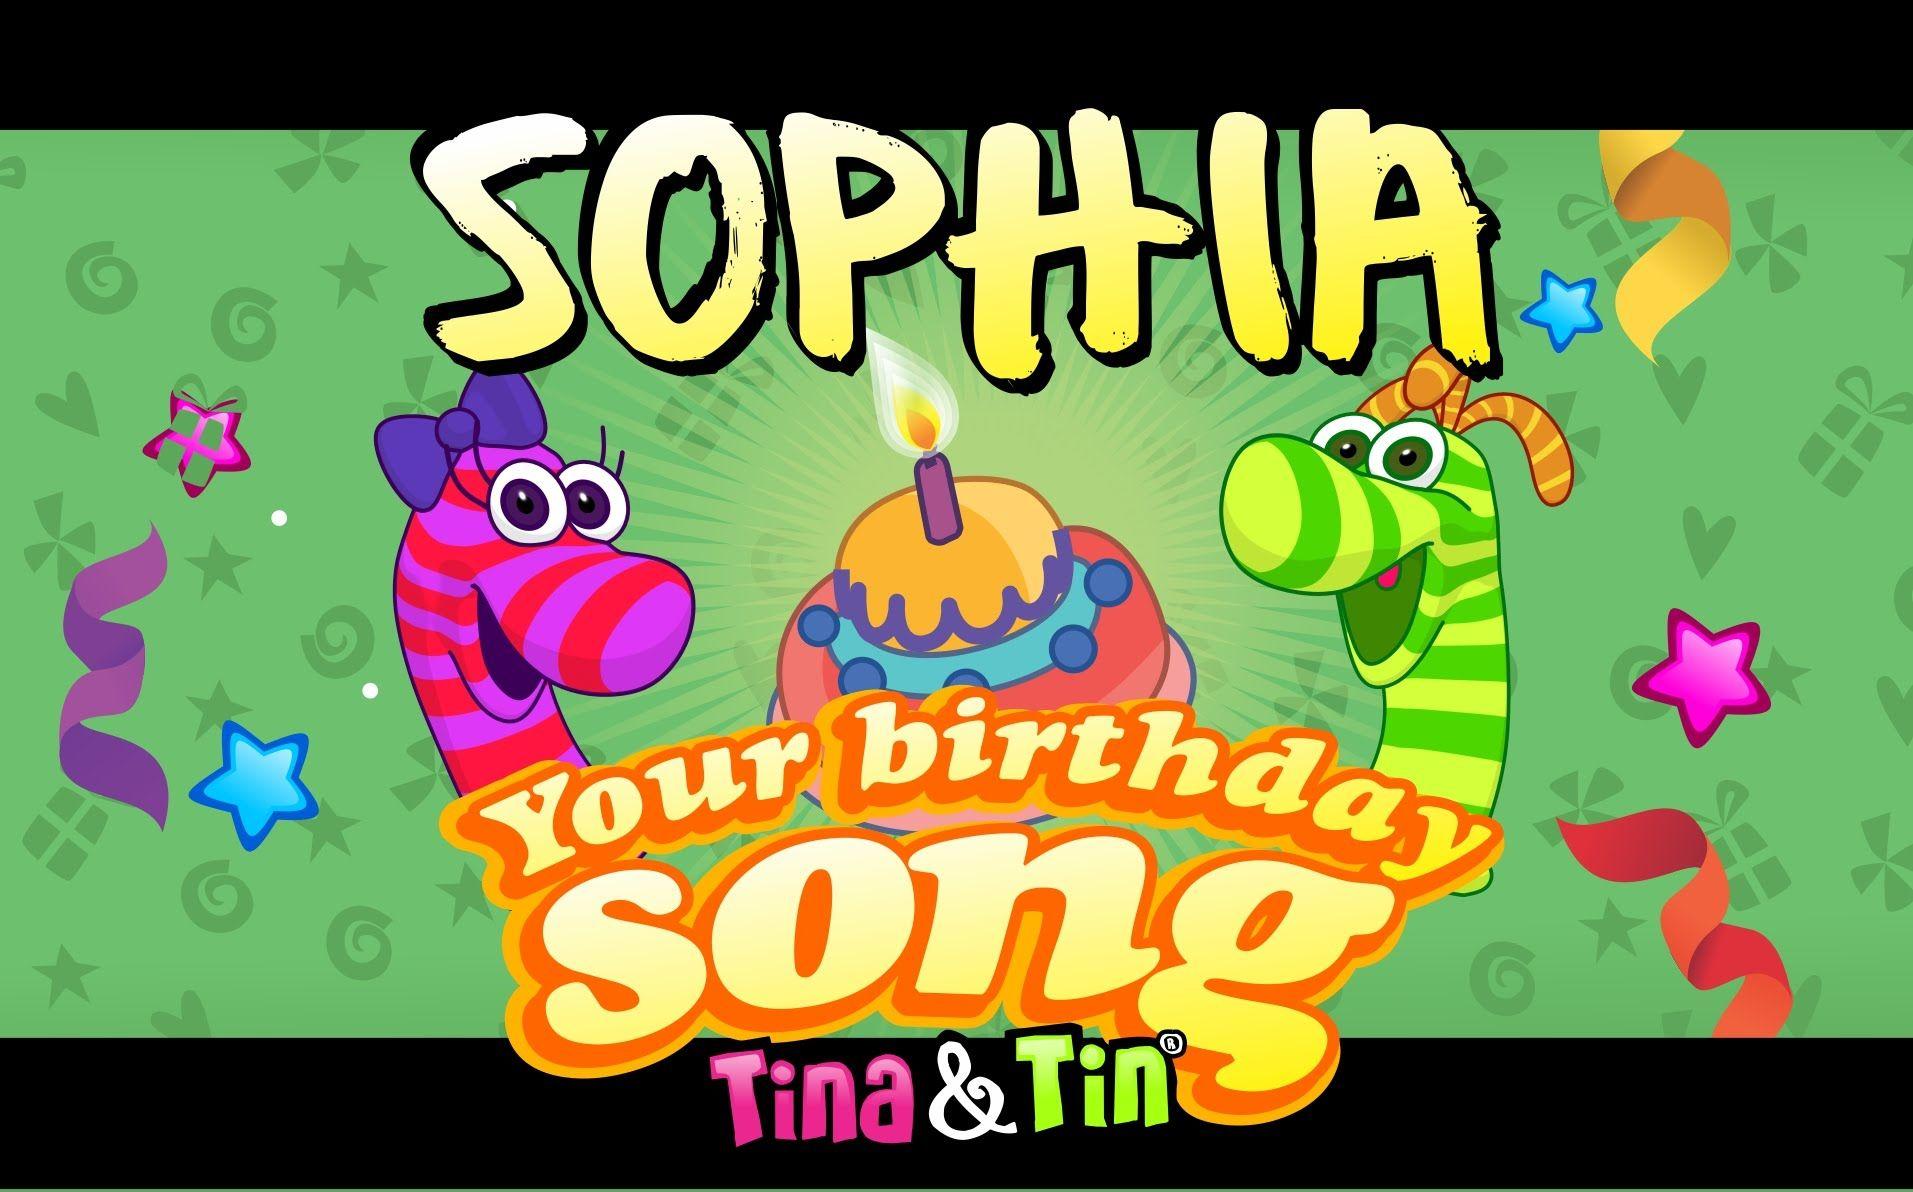 Tina&Tin Happy Birthday SOPHIA Happy birthday nicole